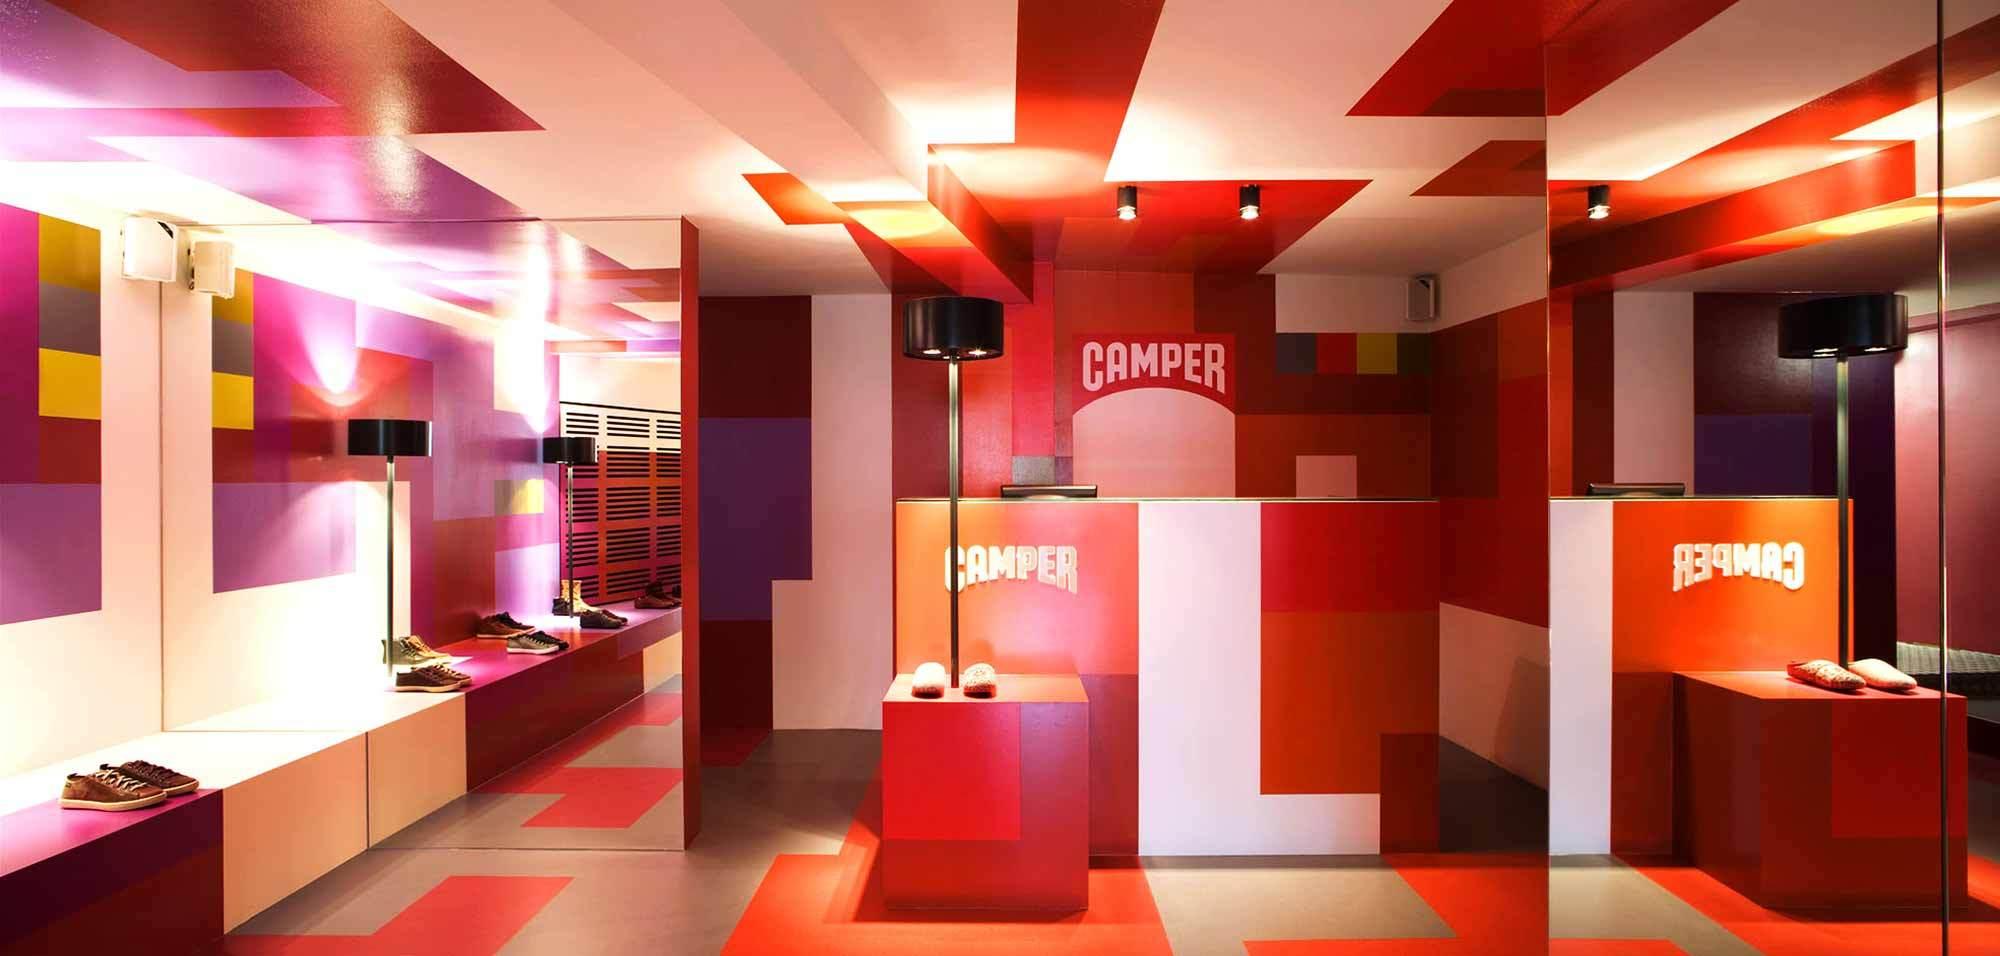 Camper Shop, Zürich, 2012